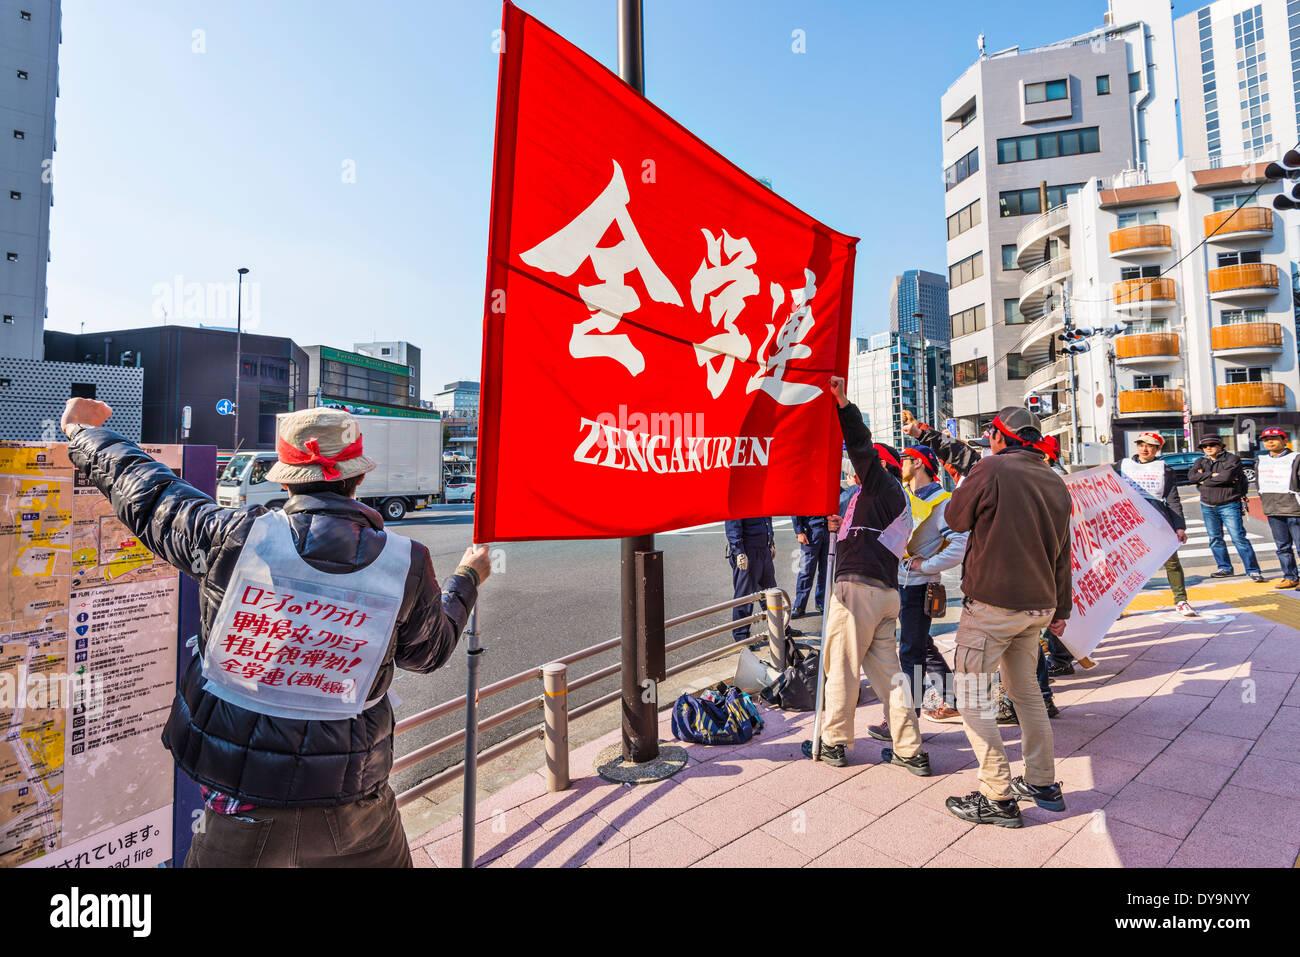 Les membres Zengakuren protester contre l'annexion de la Crimée par la Russie, à Tokyo, au Japon. Photo Stock